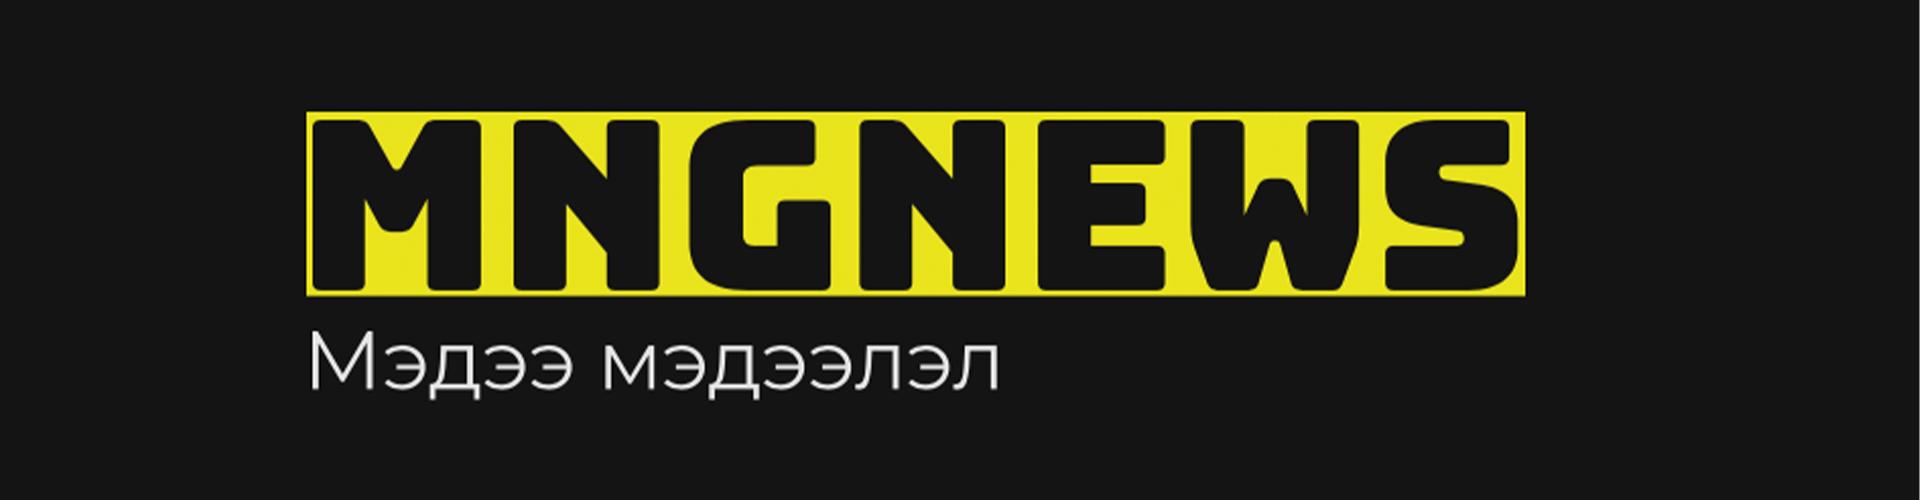 MngNews